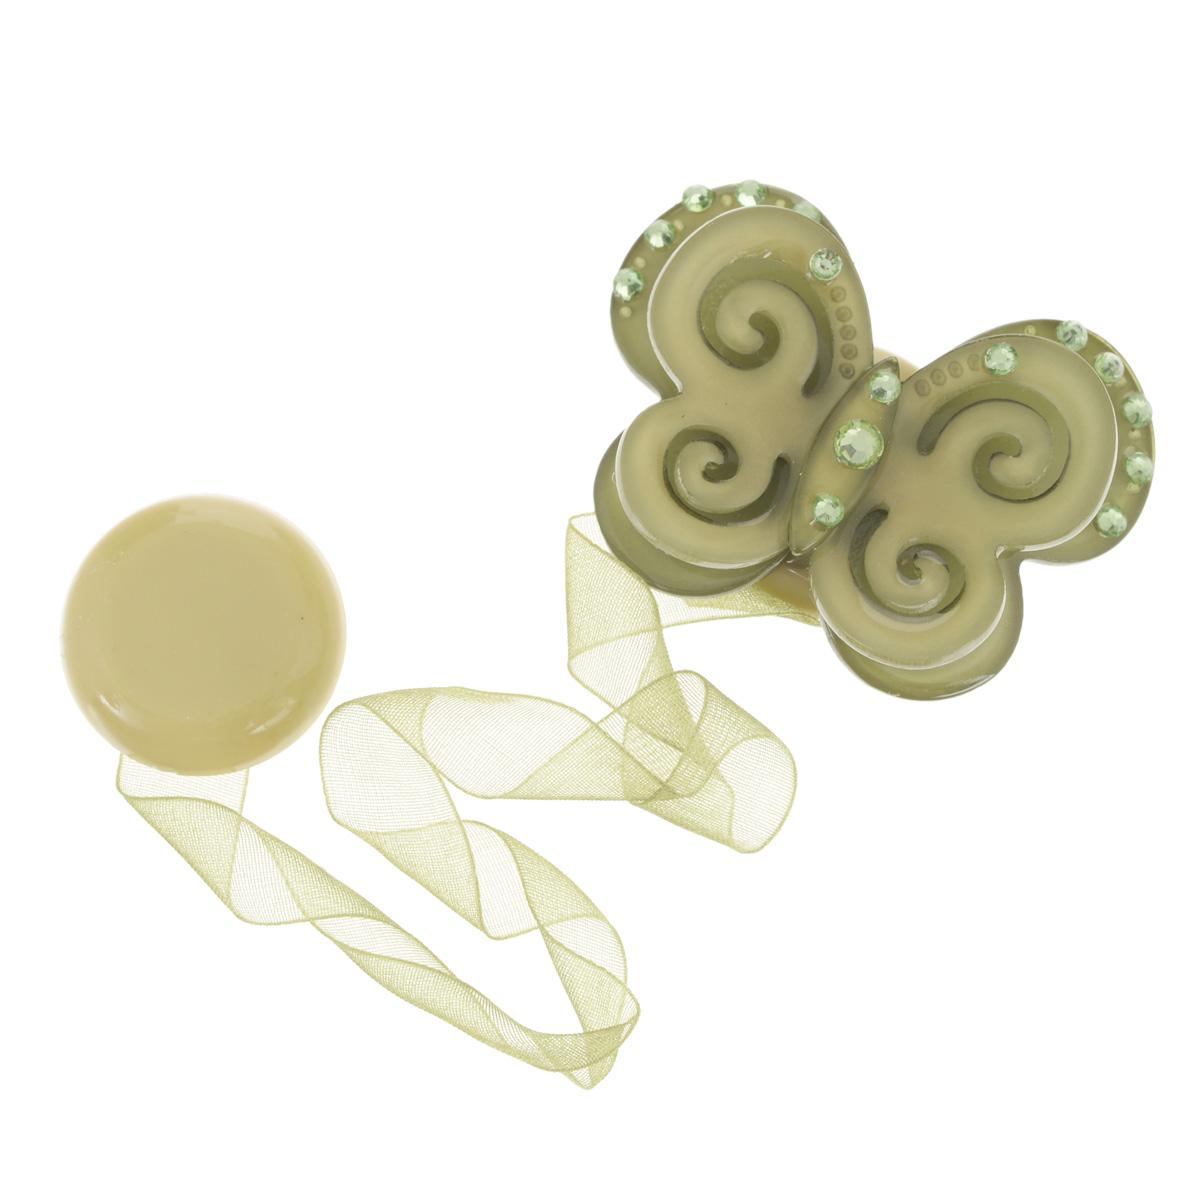 Клипса-магнит для штор Calamita Fiore, цвет: зеленый_7817704010_781Клипса-магнит Calamita Fiore, изготовленная из пластика и текстиля, предназначена для придания формы шторам. Изделие представляет собой два магнита, расположенные на разных концах текстильной ленты. Один из магнитов оформлен декоративной бабочкой со стразами. С помощью такой магнитной клипсы можно зафиксировать портьеры, придать им требуемое положение, сделать складки симметричными или приблизить портьеры, скрепить их. Клипсы для штор являются универсальным изделием, которое превосходно подойдет как для штор в детской комнате, так и для штор в гостиной. Следует отметить, что клипсы для штор выполняют не только практическую функцию, но также являются одной из основных деталей декора этого изделия, которая придает шторам восхитительный, стильный внешний вид.